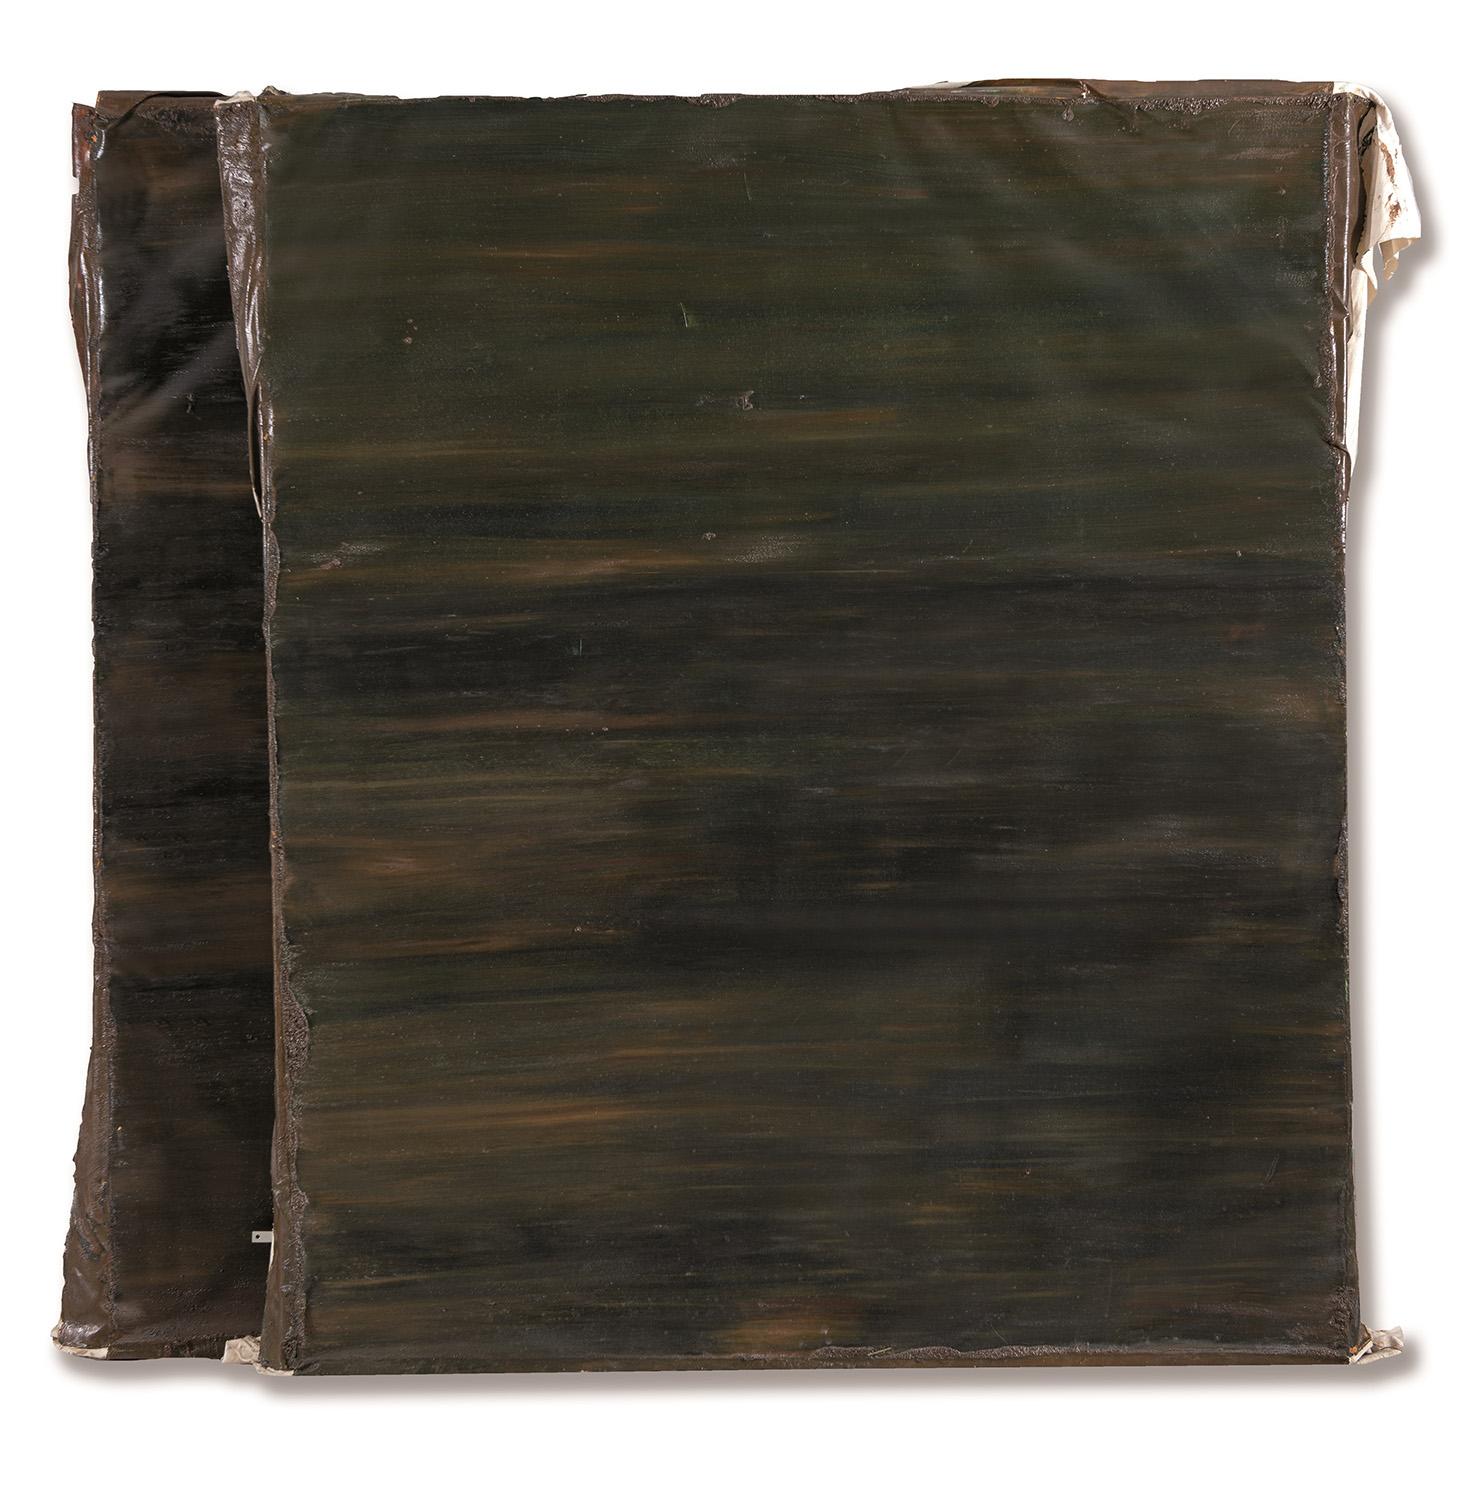 Ángela de la Cruz. Camouflage painting, 1998. Salida: 14.000 euros. Remate: 28.000 euros